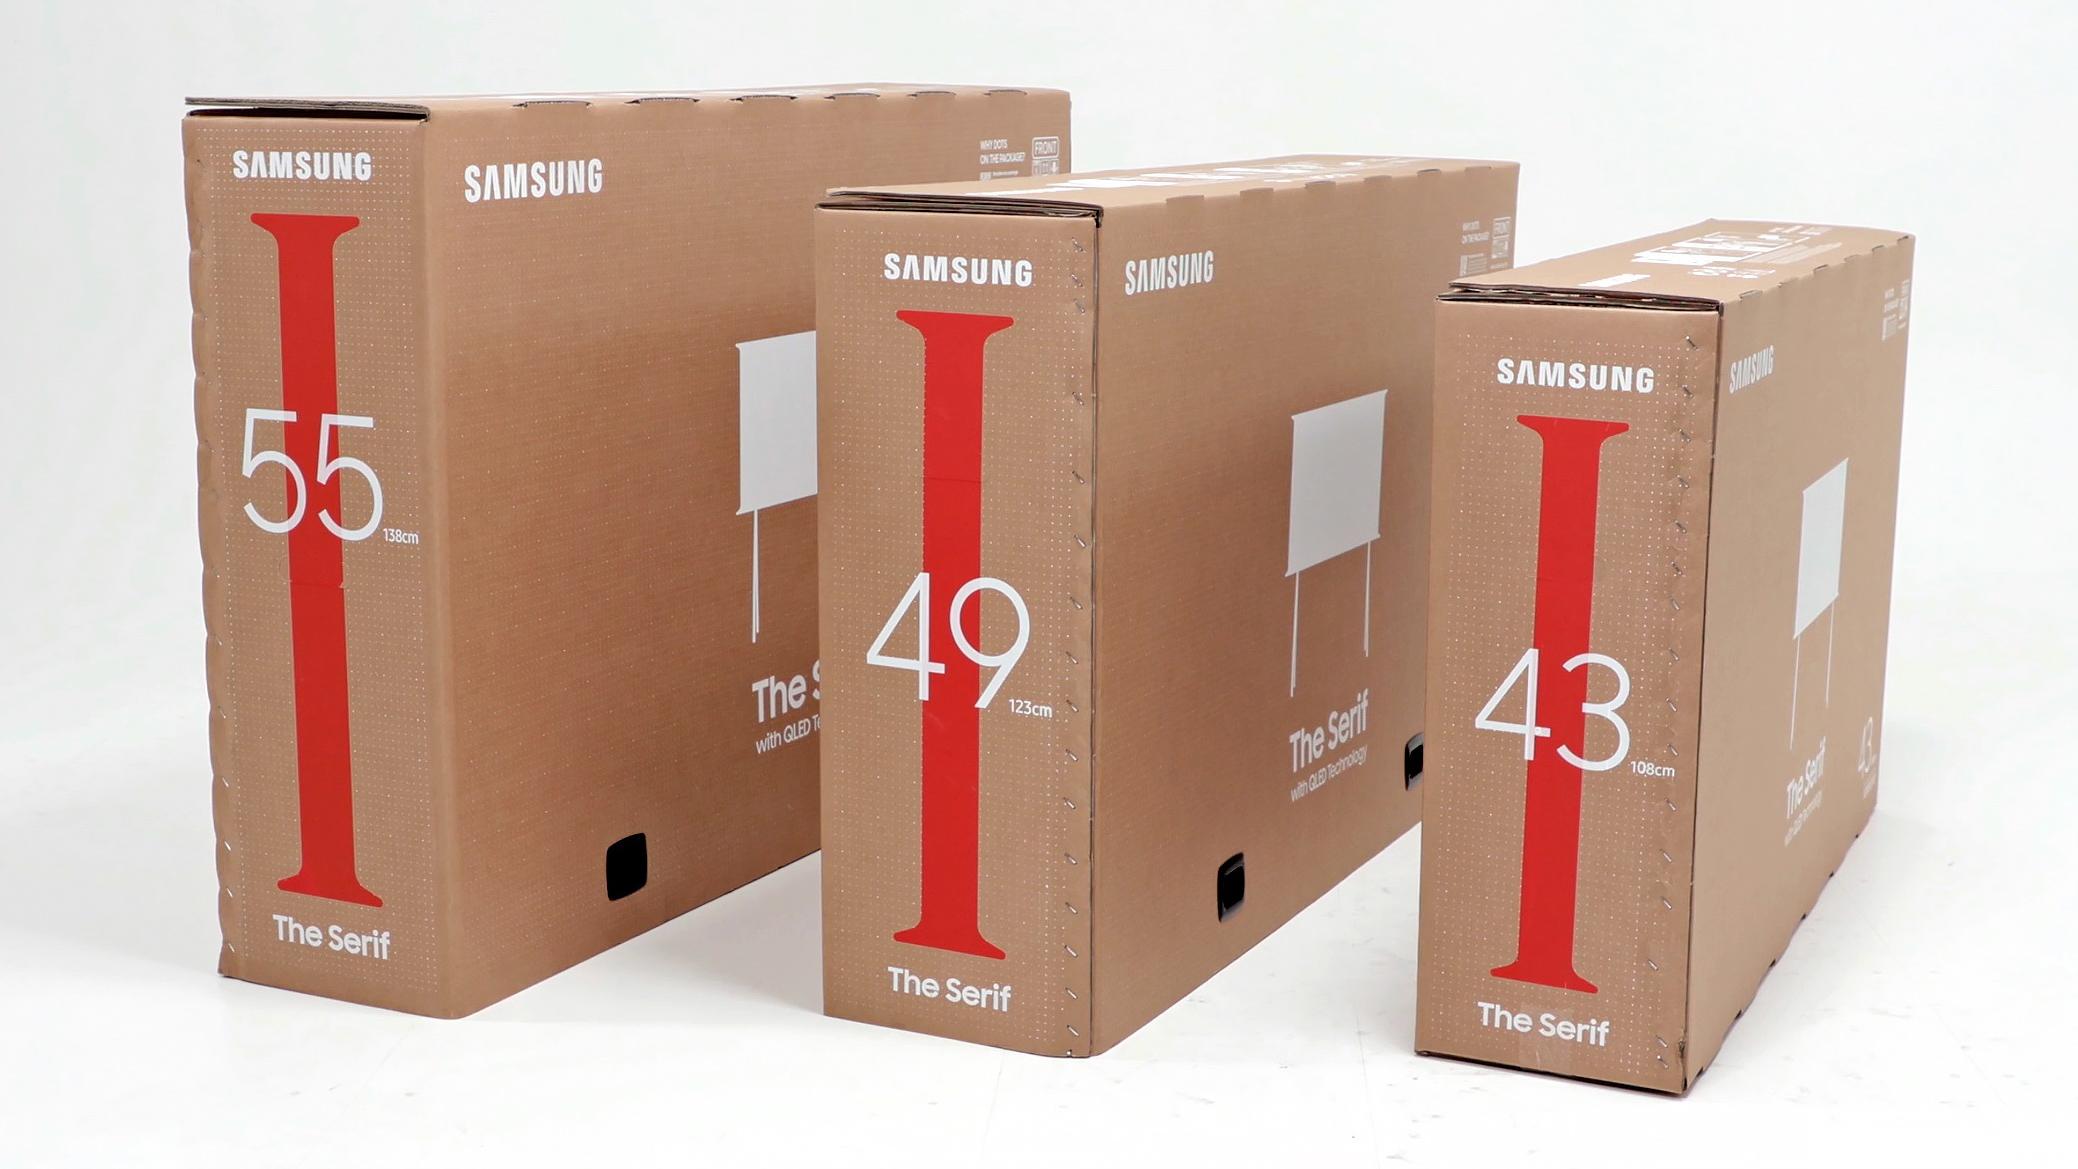 Caixas de TV da Samsung. Crédito: Samsung